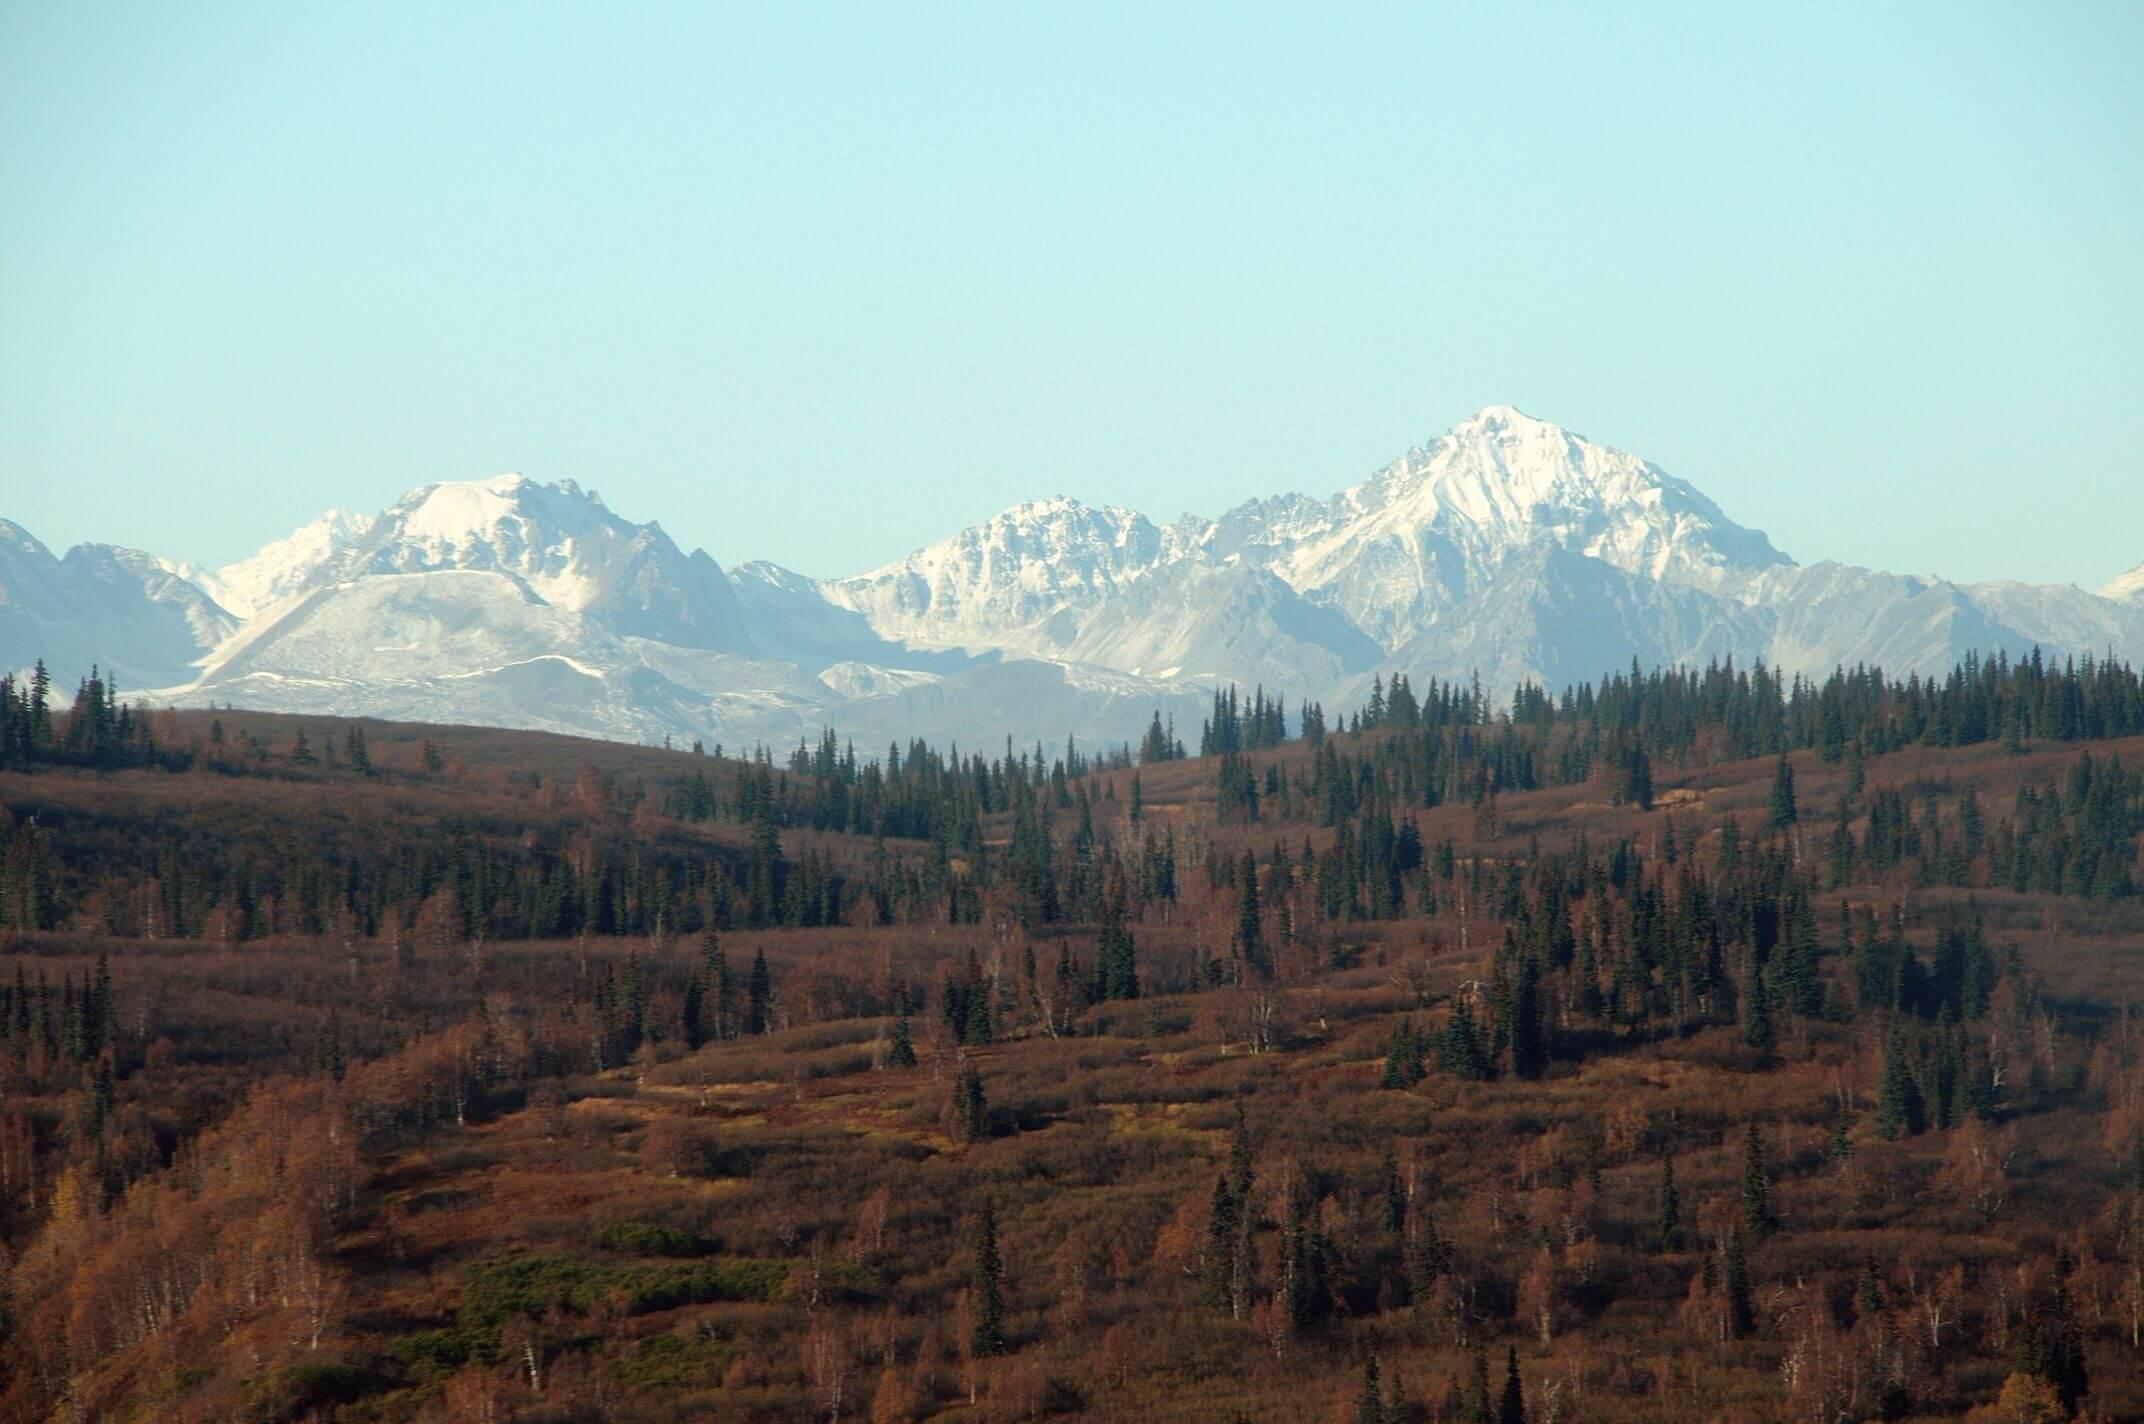 Alaska matanuska susitna county skwentna - Alaska Matanuska Susitna County Skwentna 60